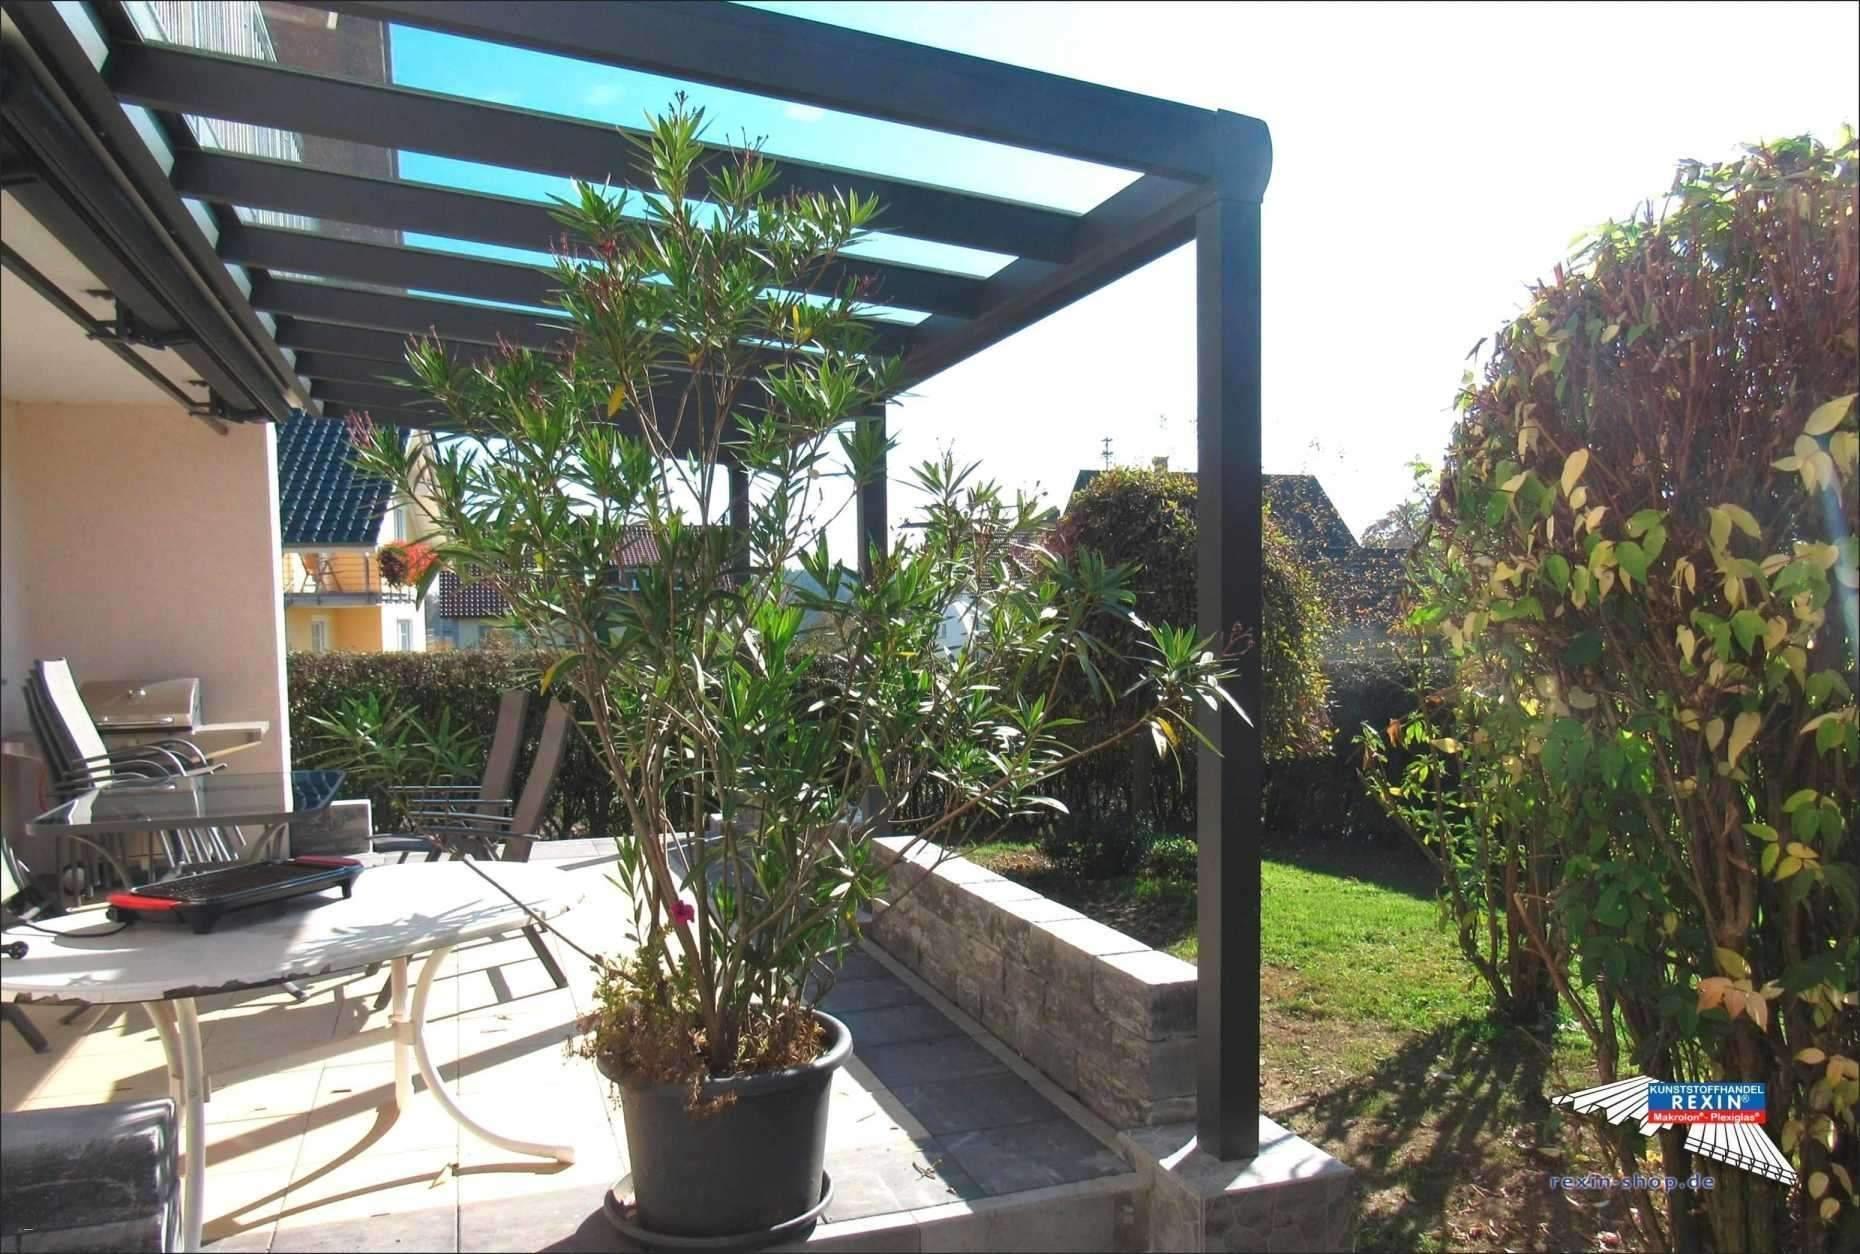 wasserbrunnen wohnzimmer luxus 44 inspirierend wohnzimmer brunnen of wasserbrunnen wohnzimmer